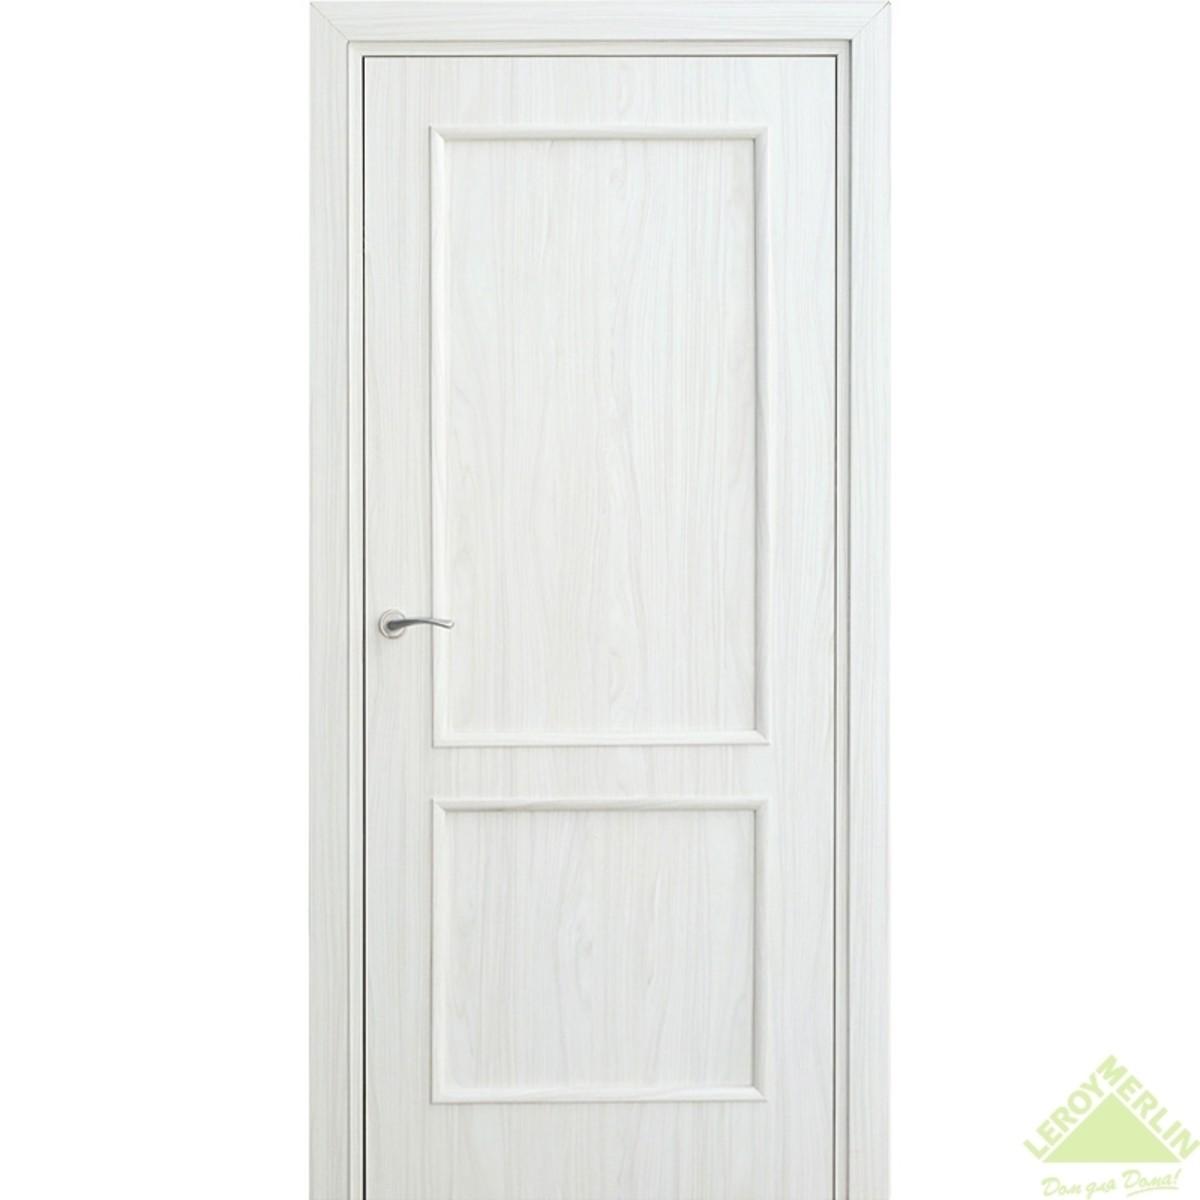 Дверь межкомнатная глухая Фортунато 820 800x2000 мм снежный палисандр